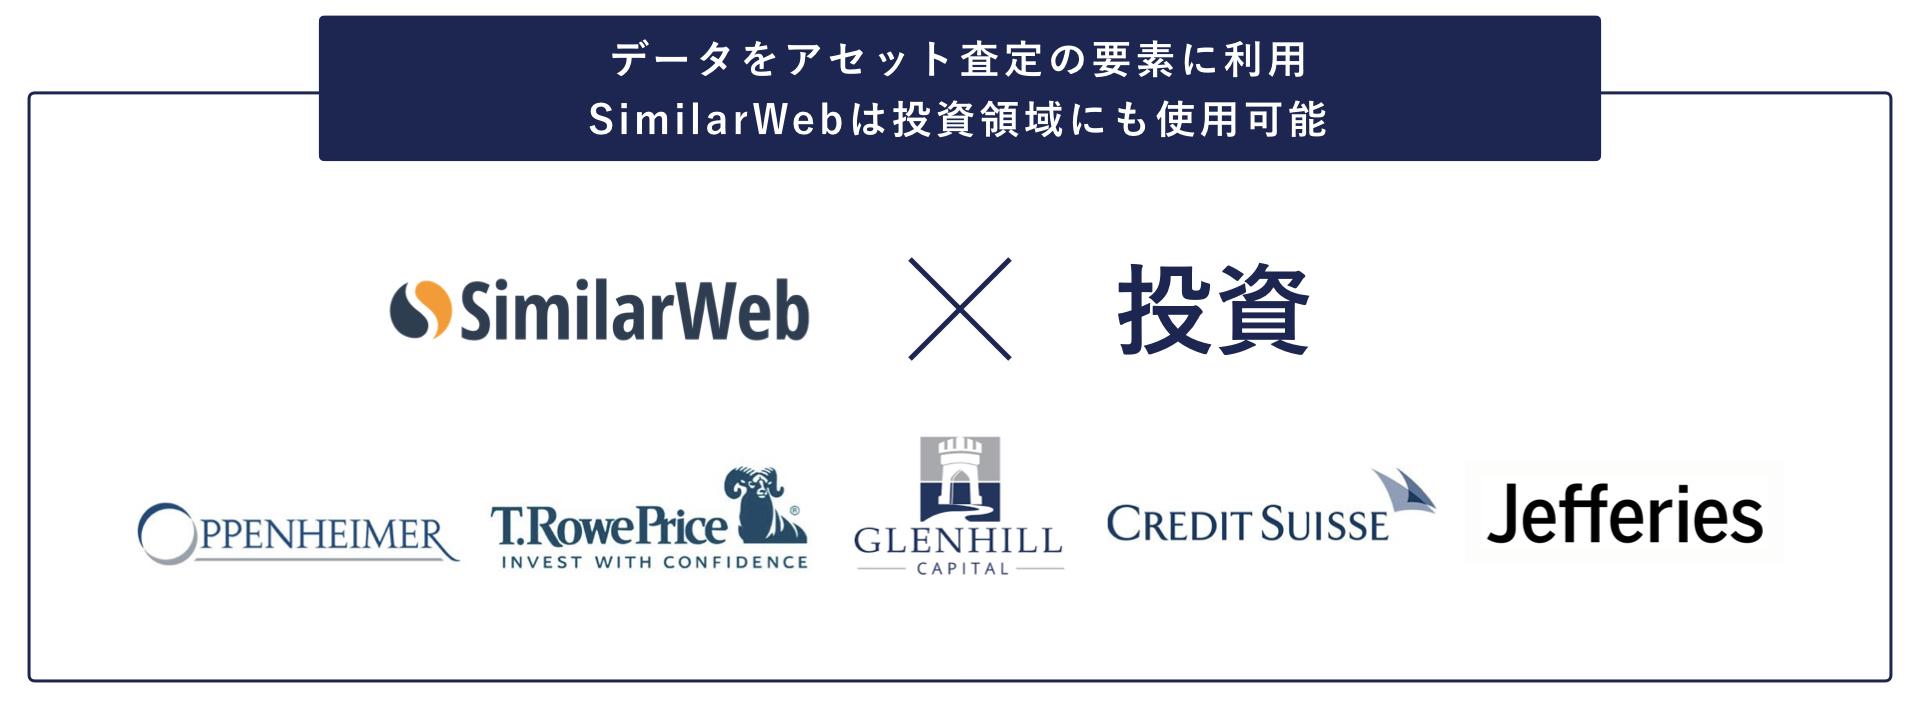 データをアセット査定の要素に利用 SimilarWebは投資領域にも使用可能